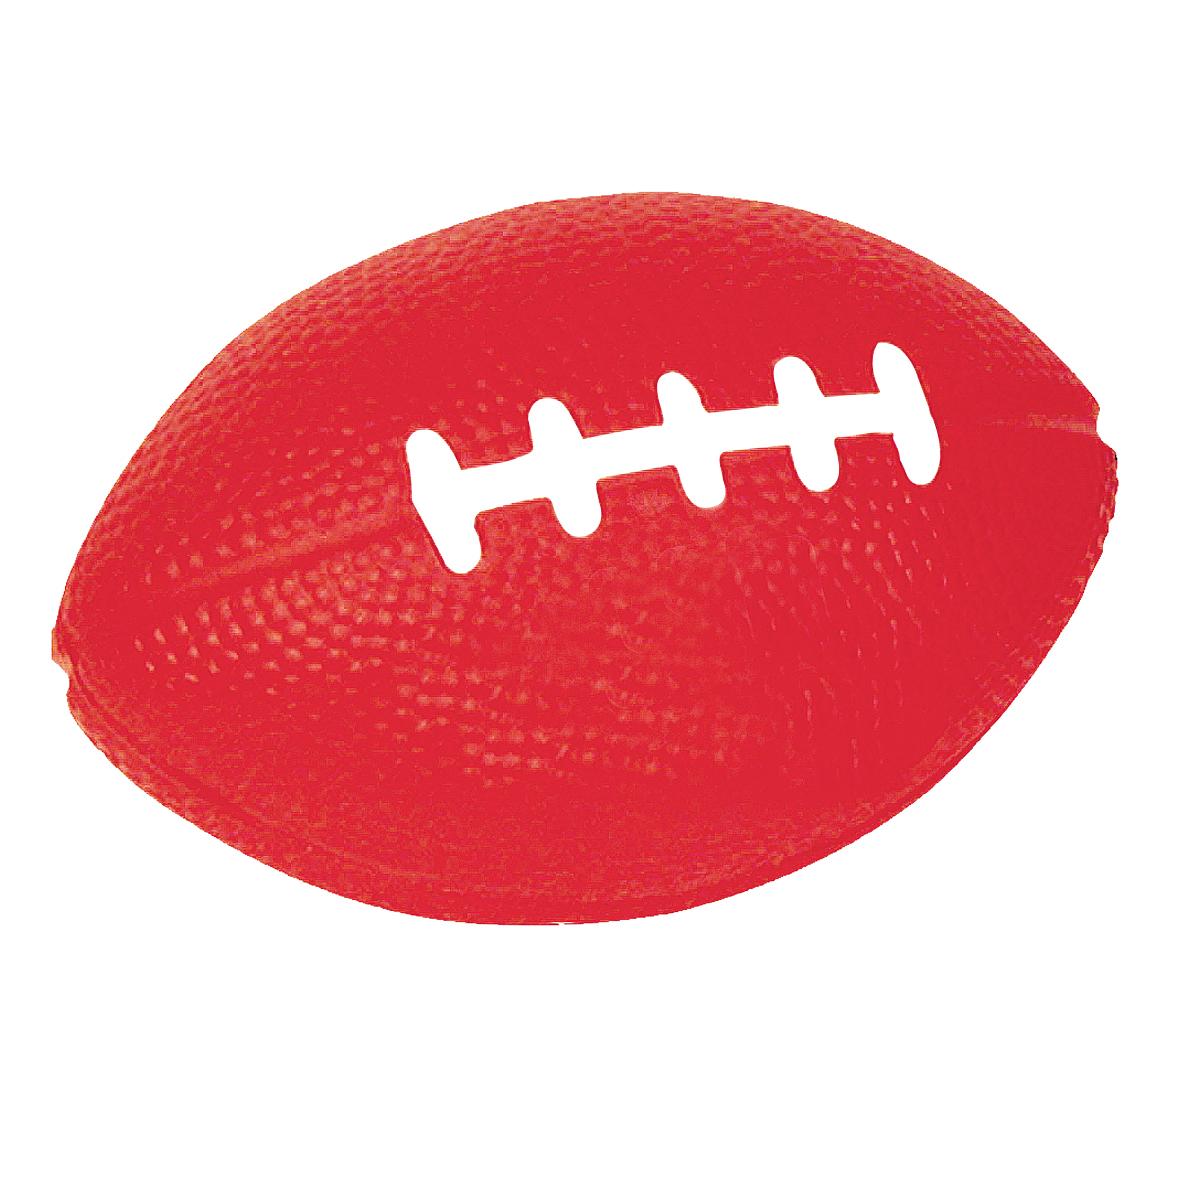 4074 - Anti estrés en forma de pelota de americano